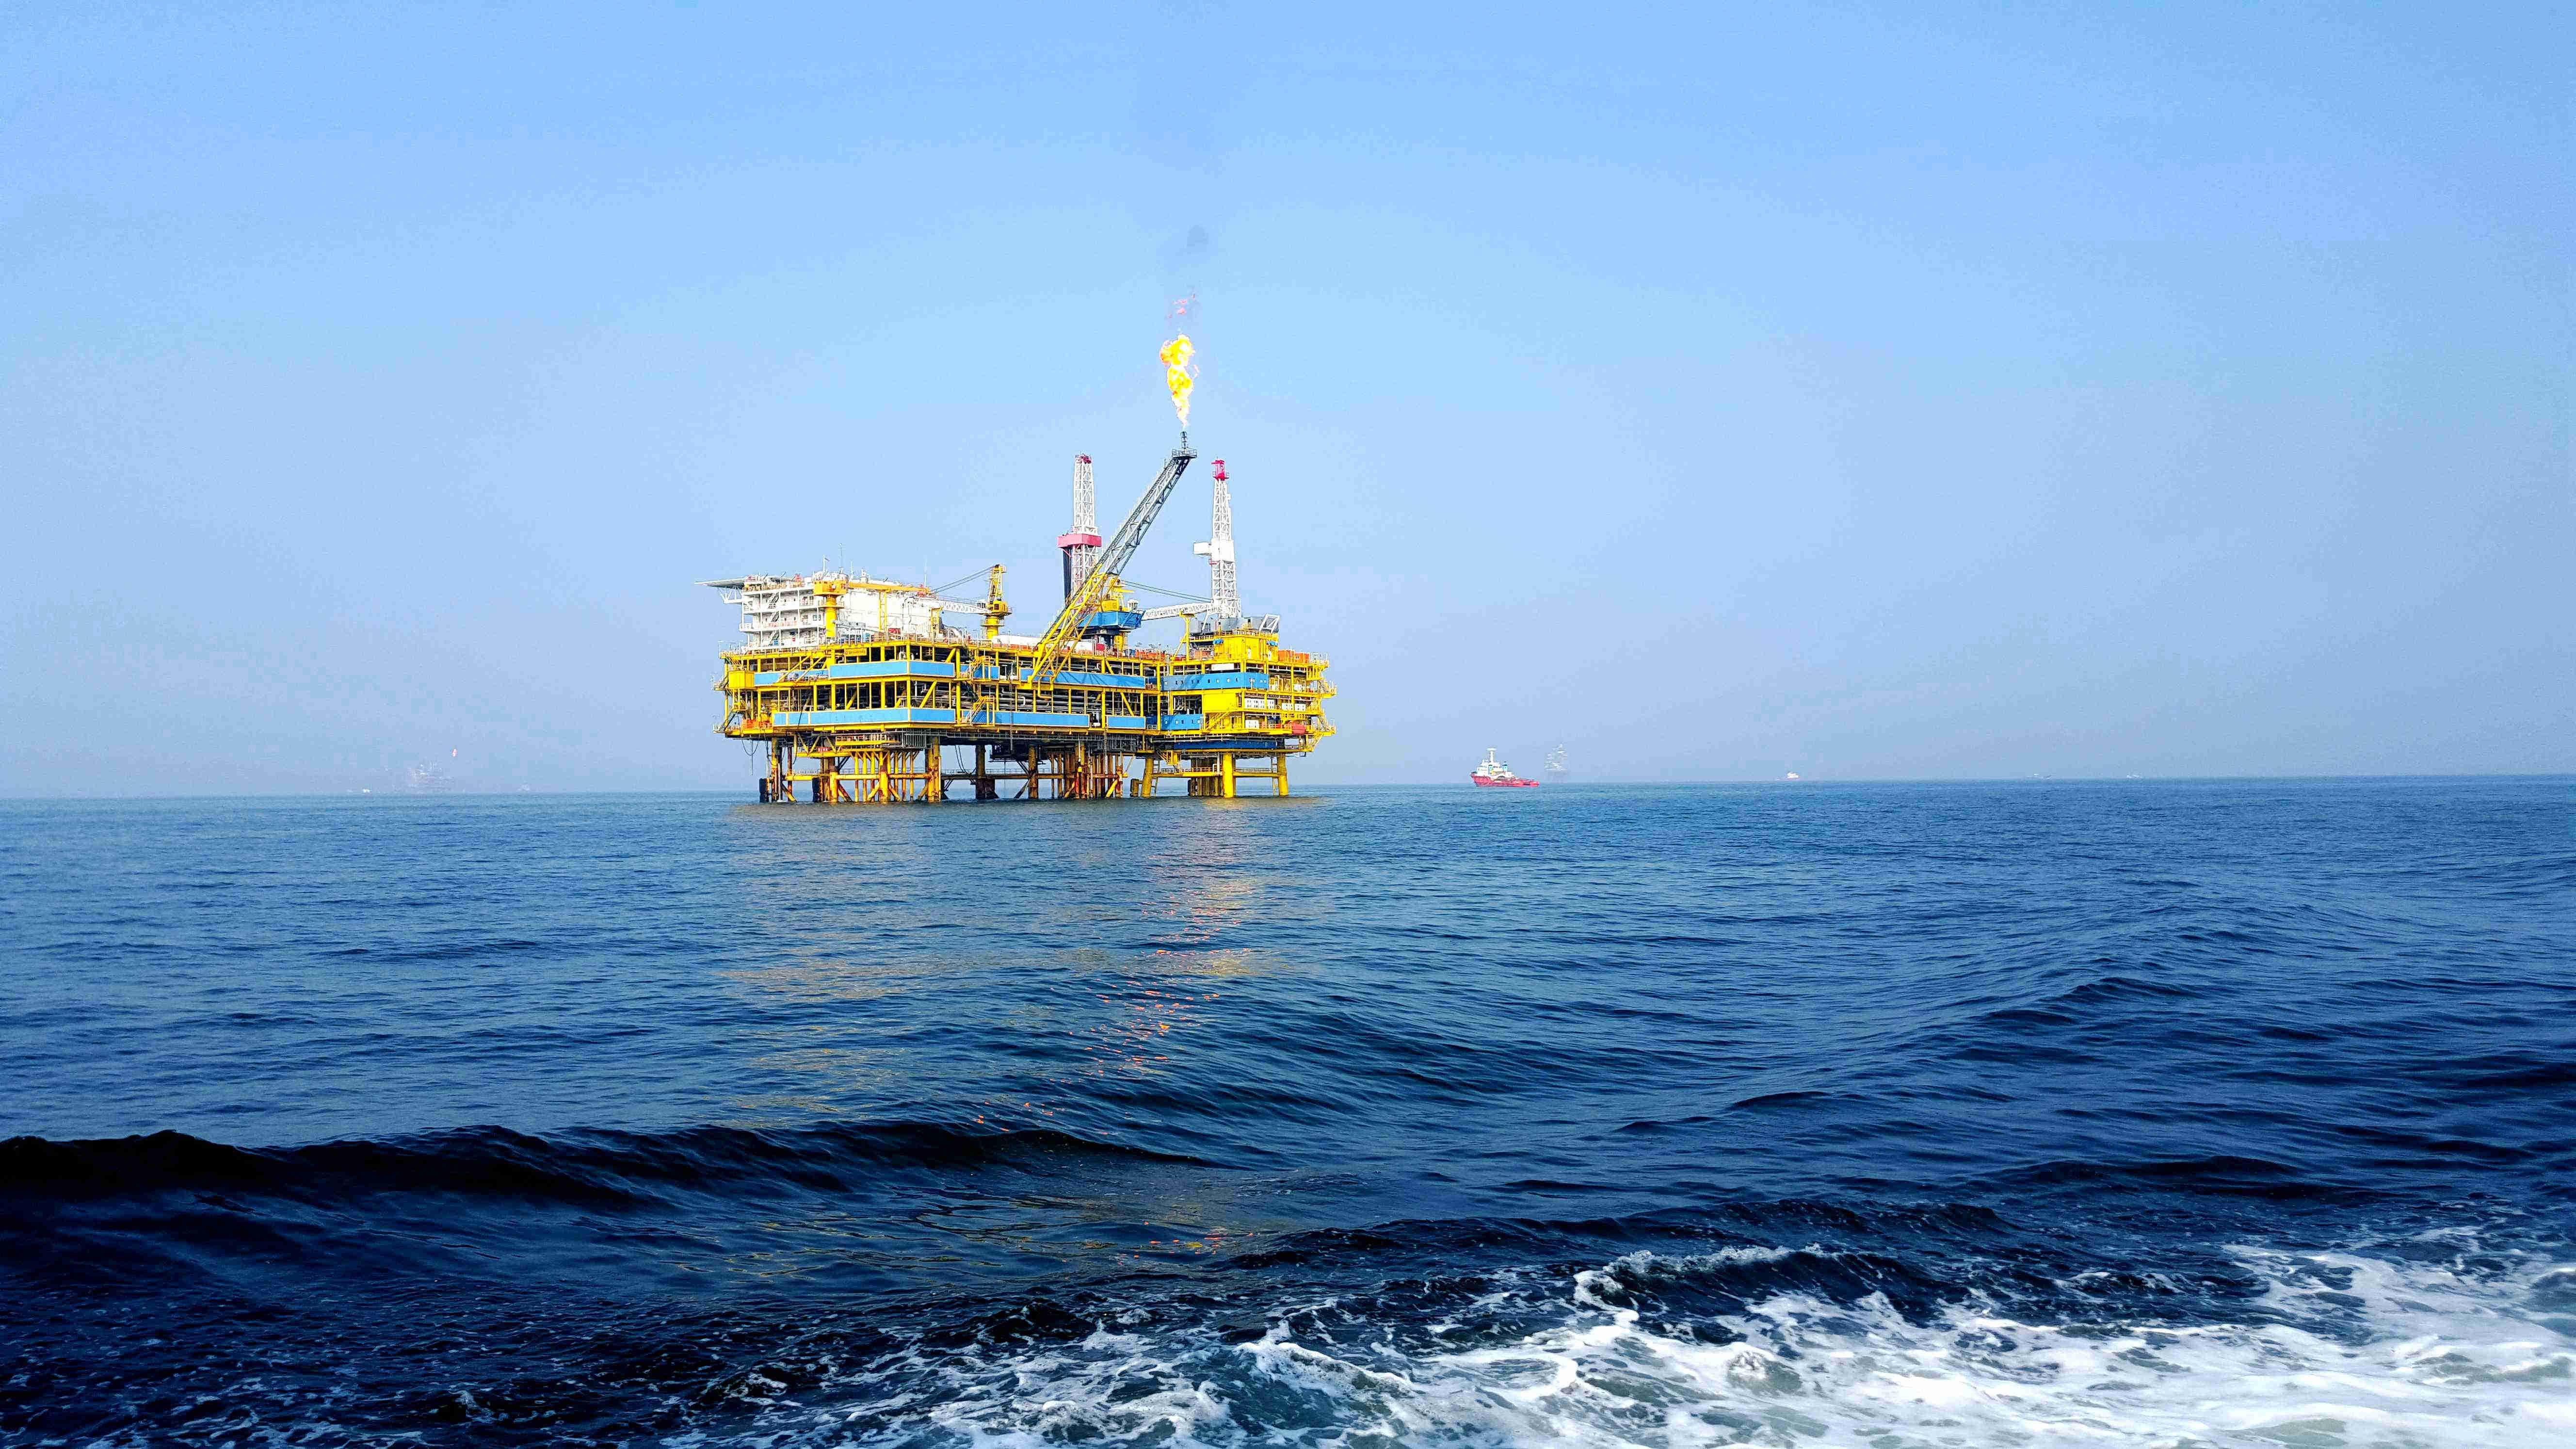 什么是雾霾_在海上钻井平台上生活是什么样的体验 - 知乎